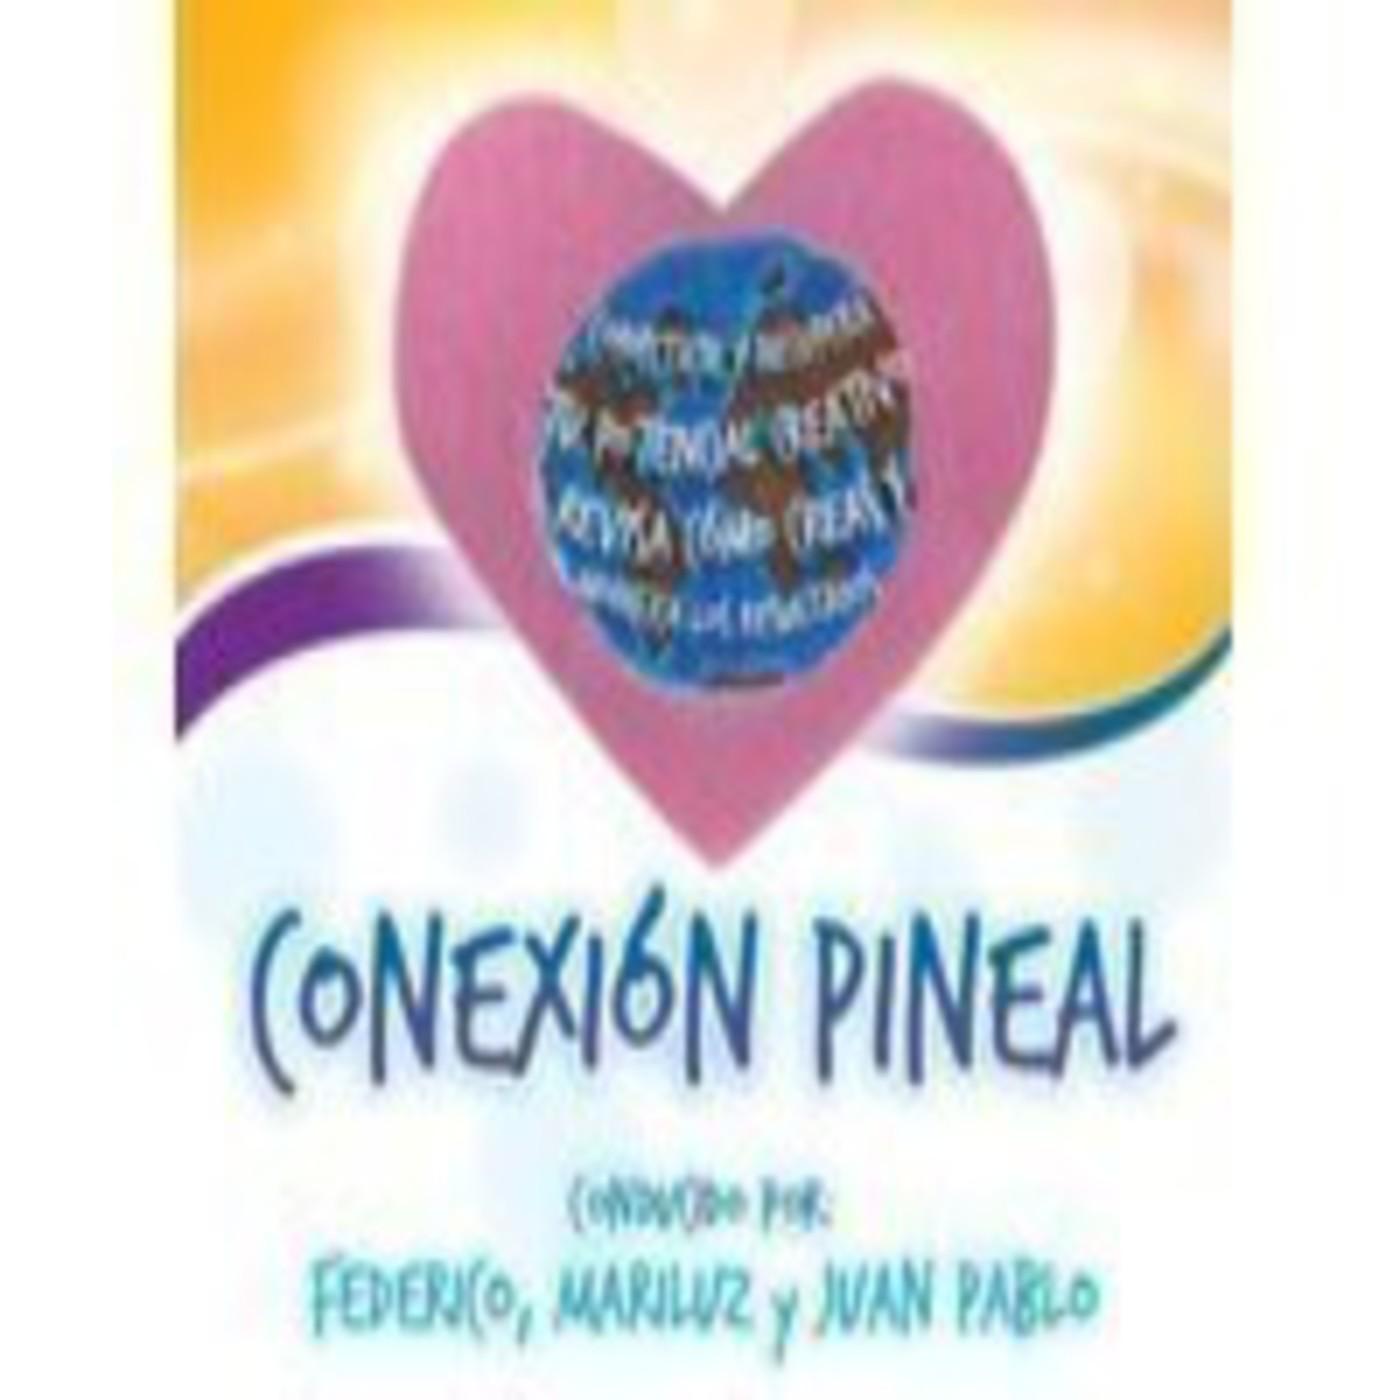 Programa Conexion Pineal 18 de Junio 2014